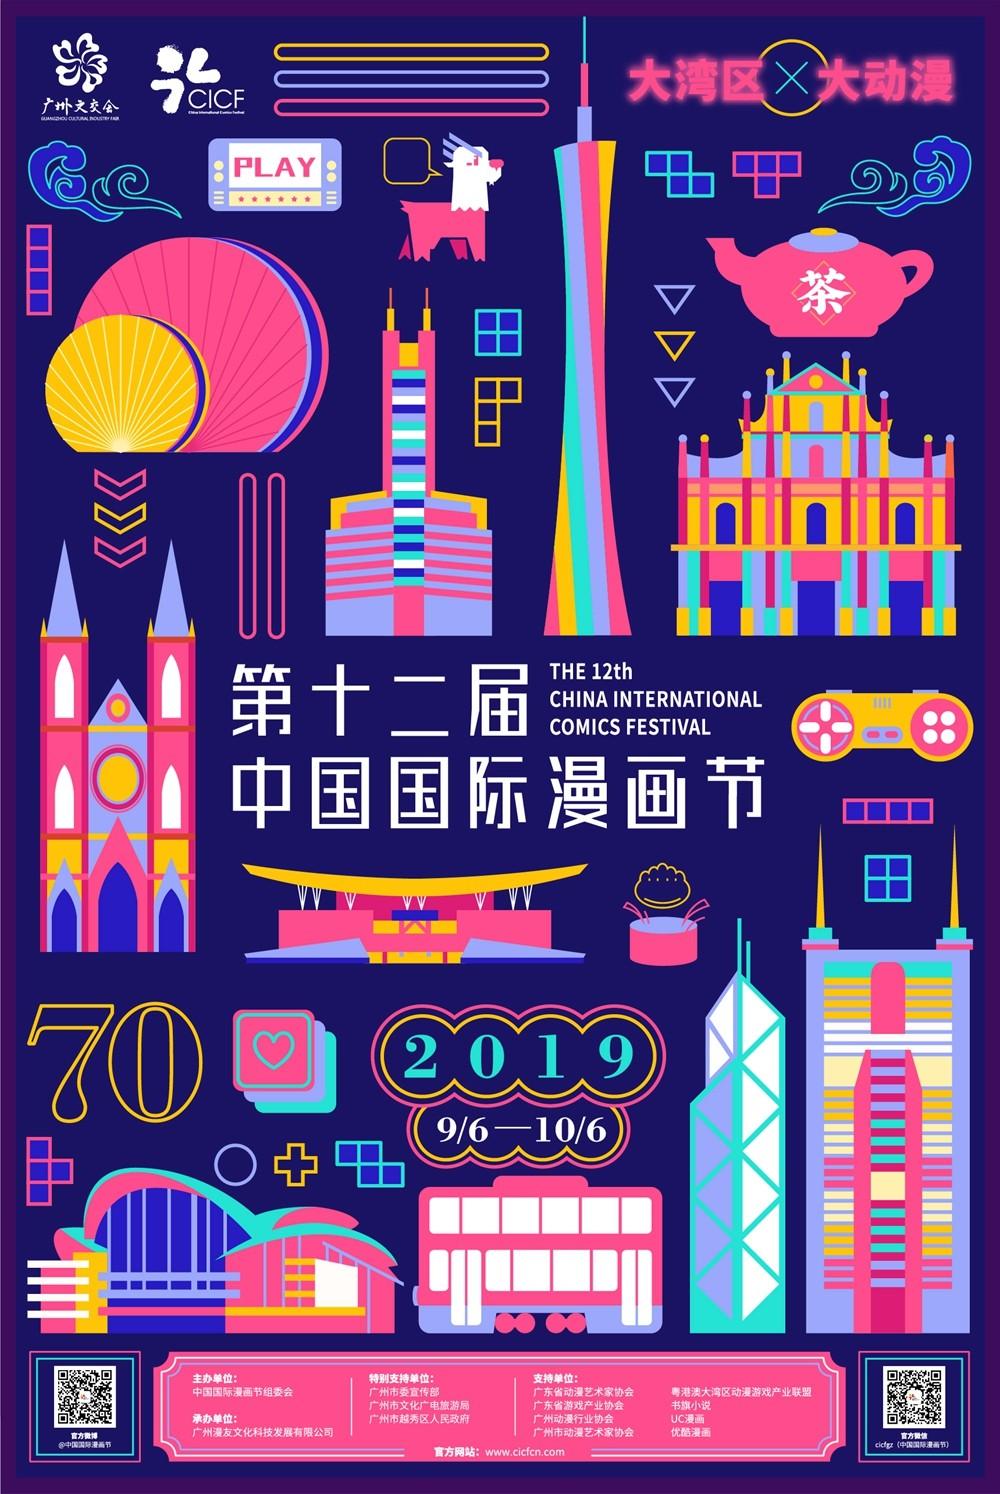 第十二届中国国际漫画节海报正式发布! 展会活动-第2张